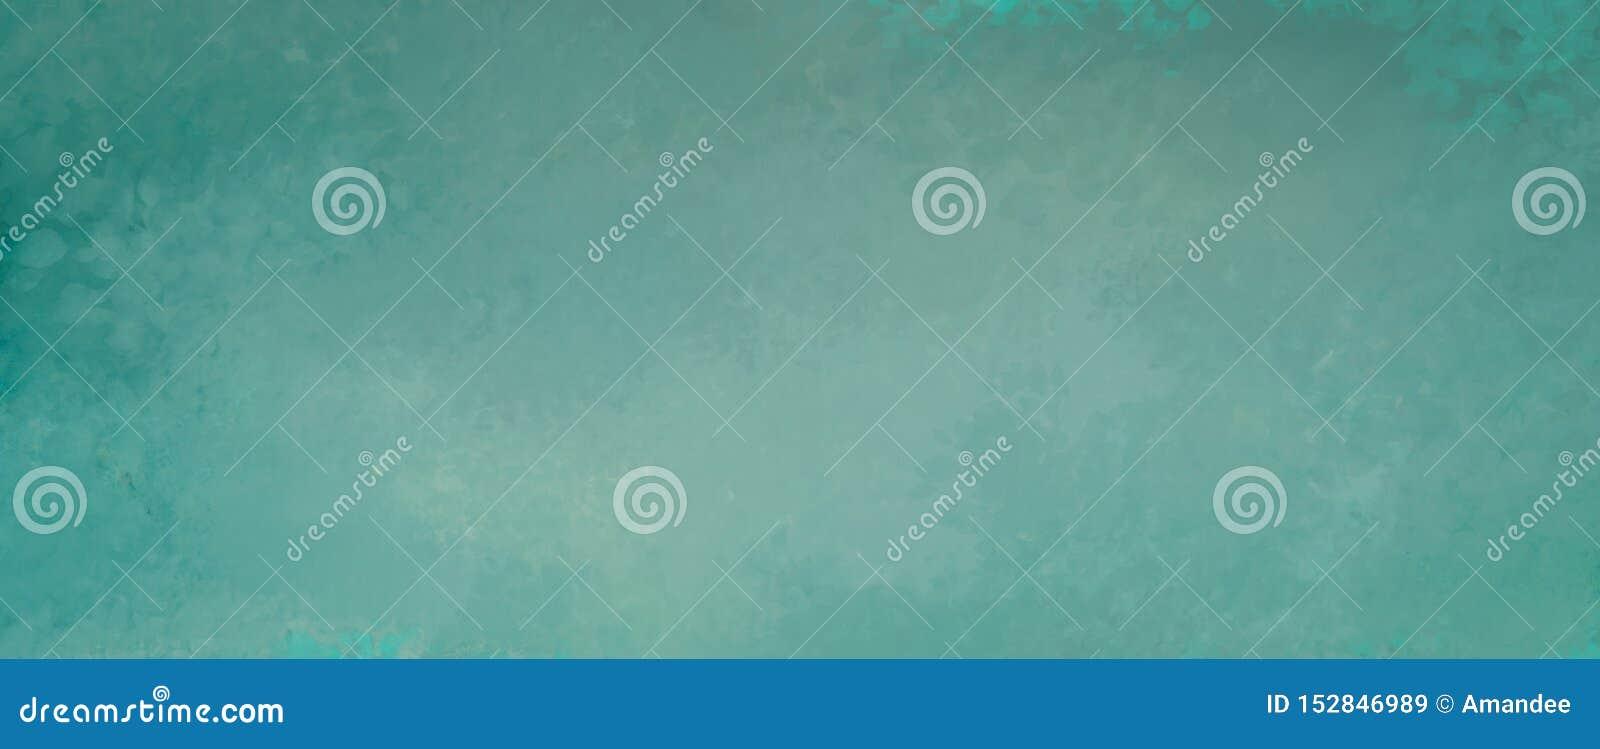 Blå grön bakgrund med fläckig gammal grunge och bekymrad tappningtexturdesign i abstrakt tom banerdesign